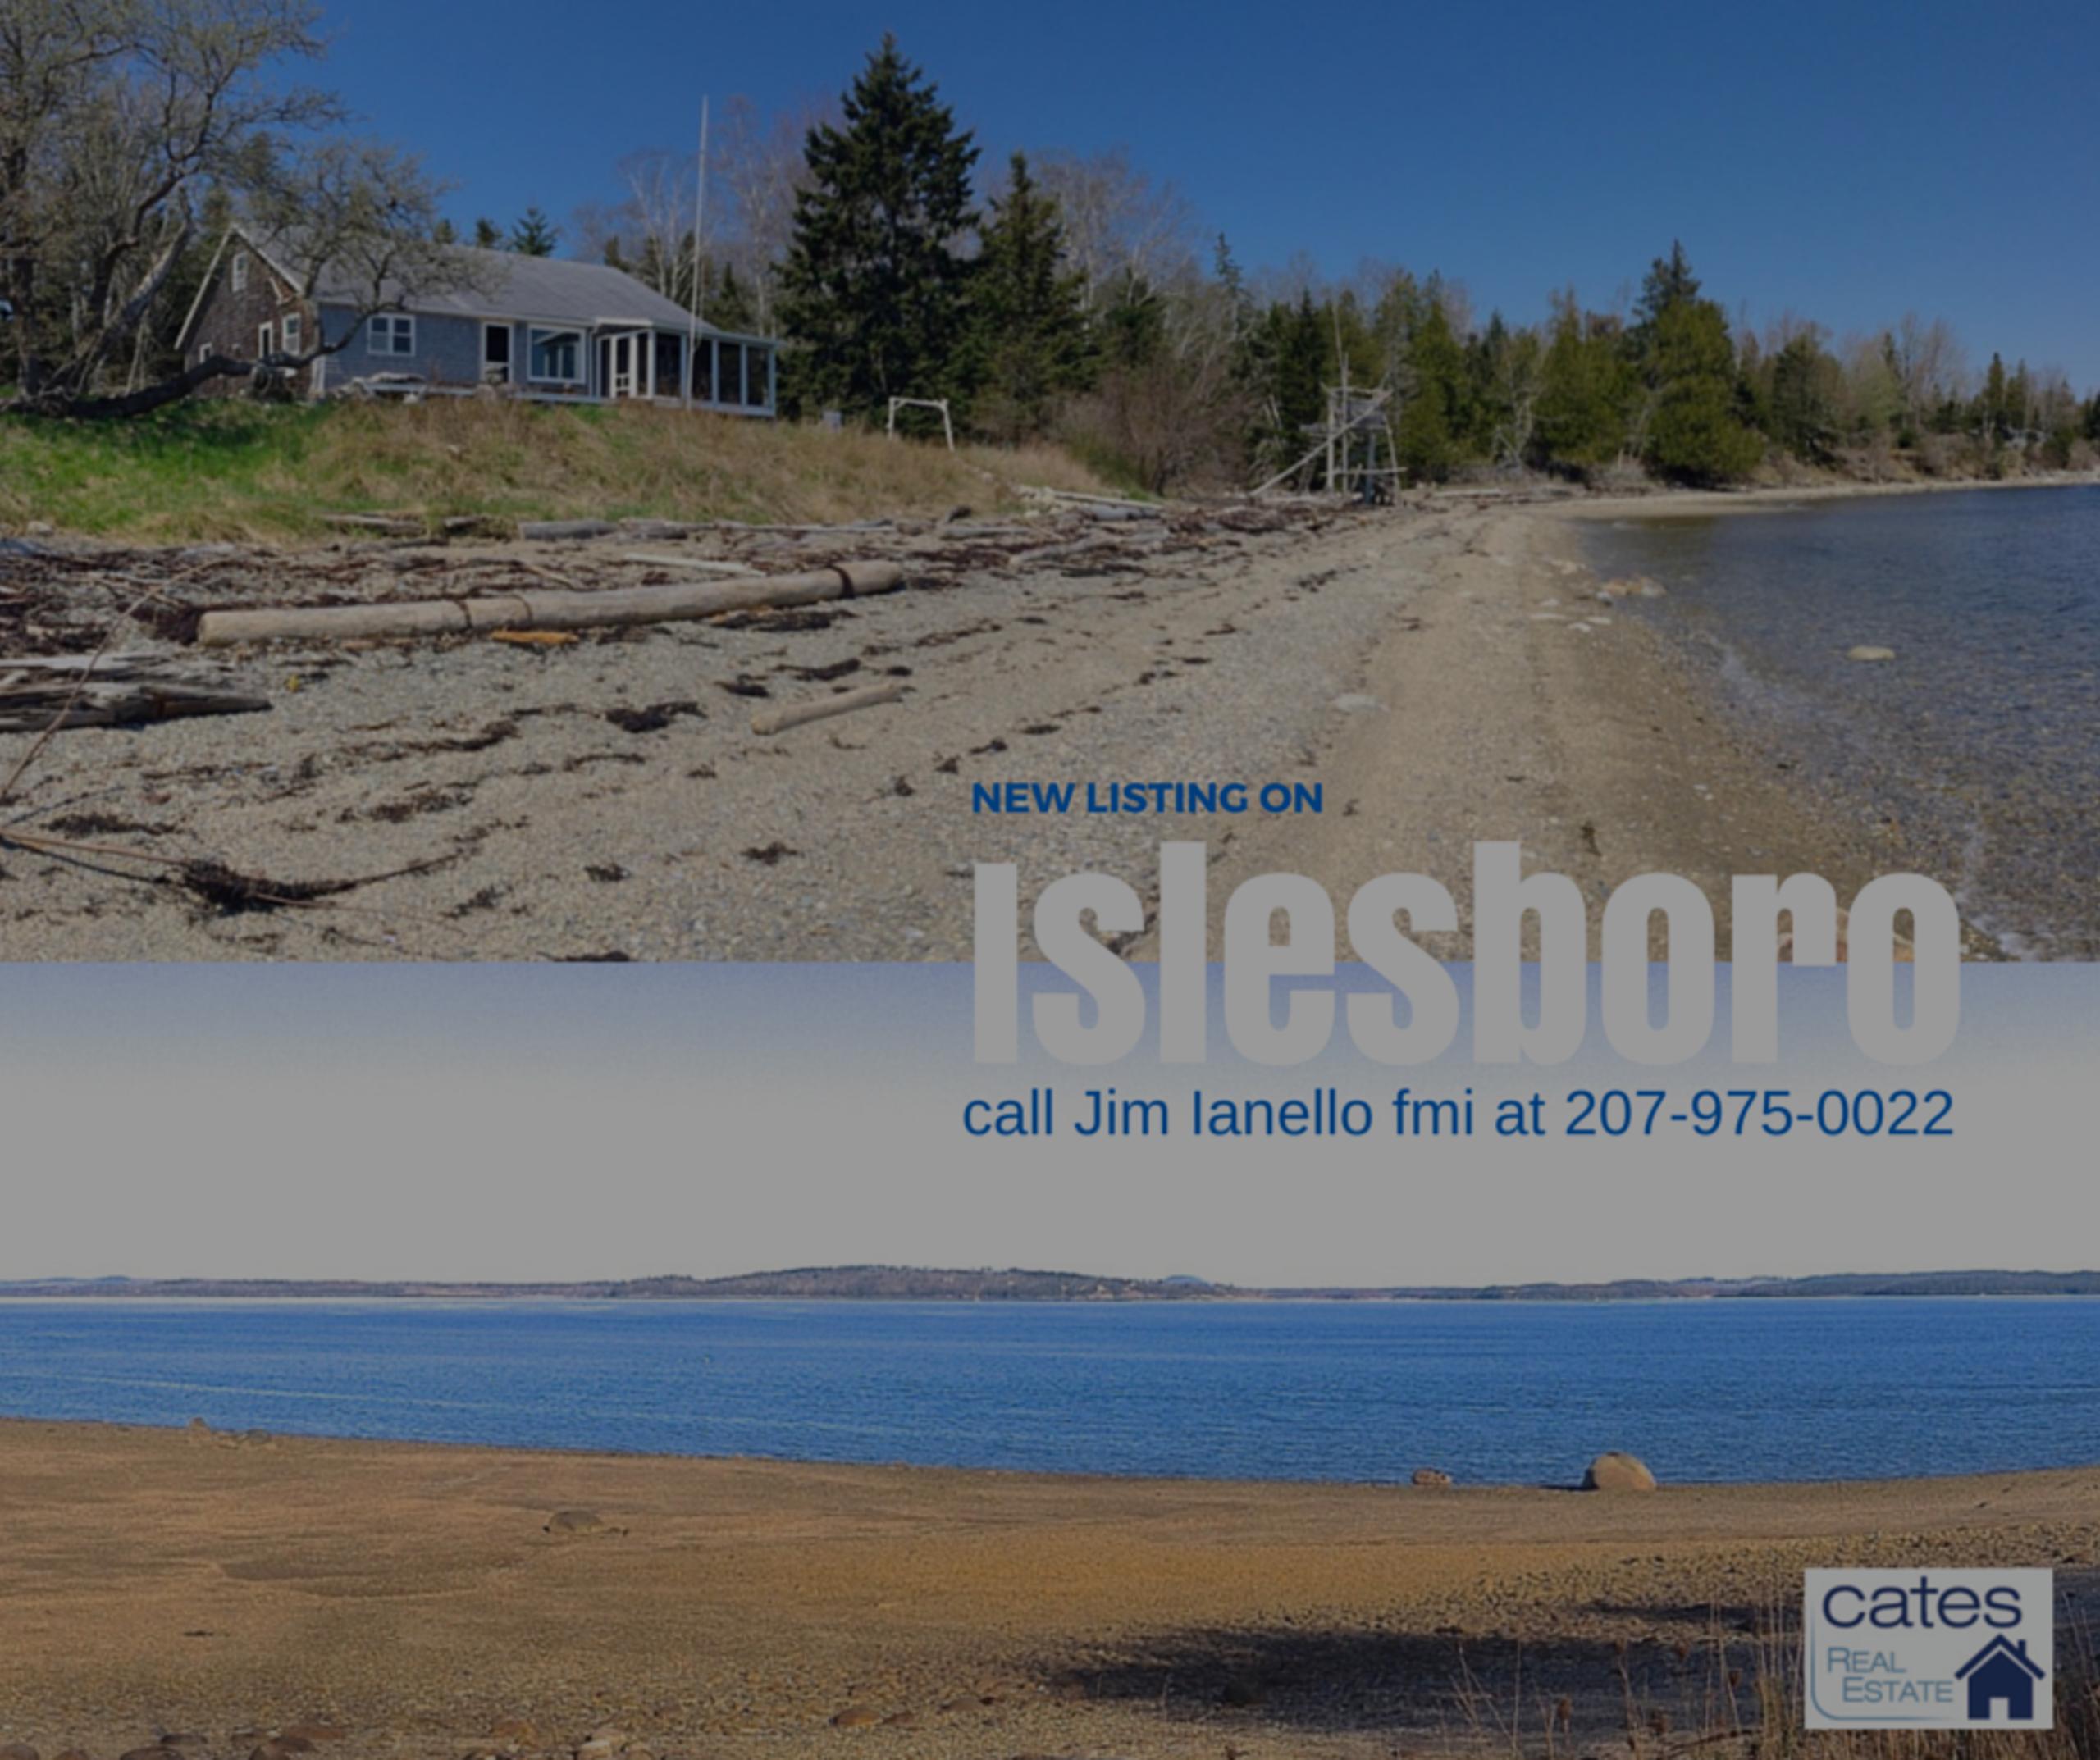 New Listing: Islesboro Cottage